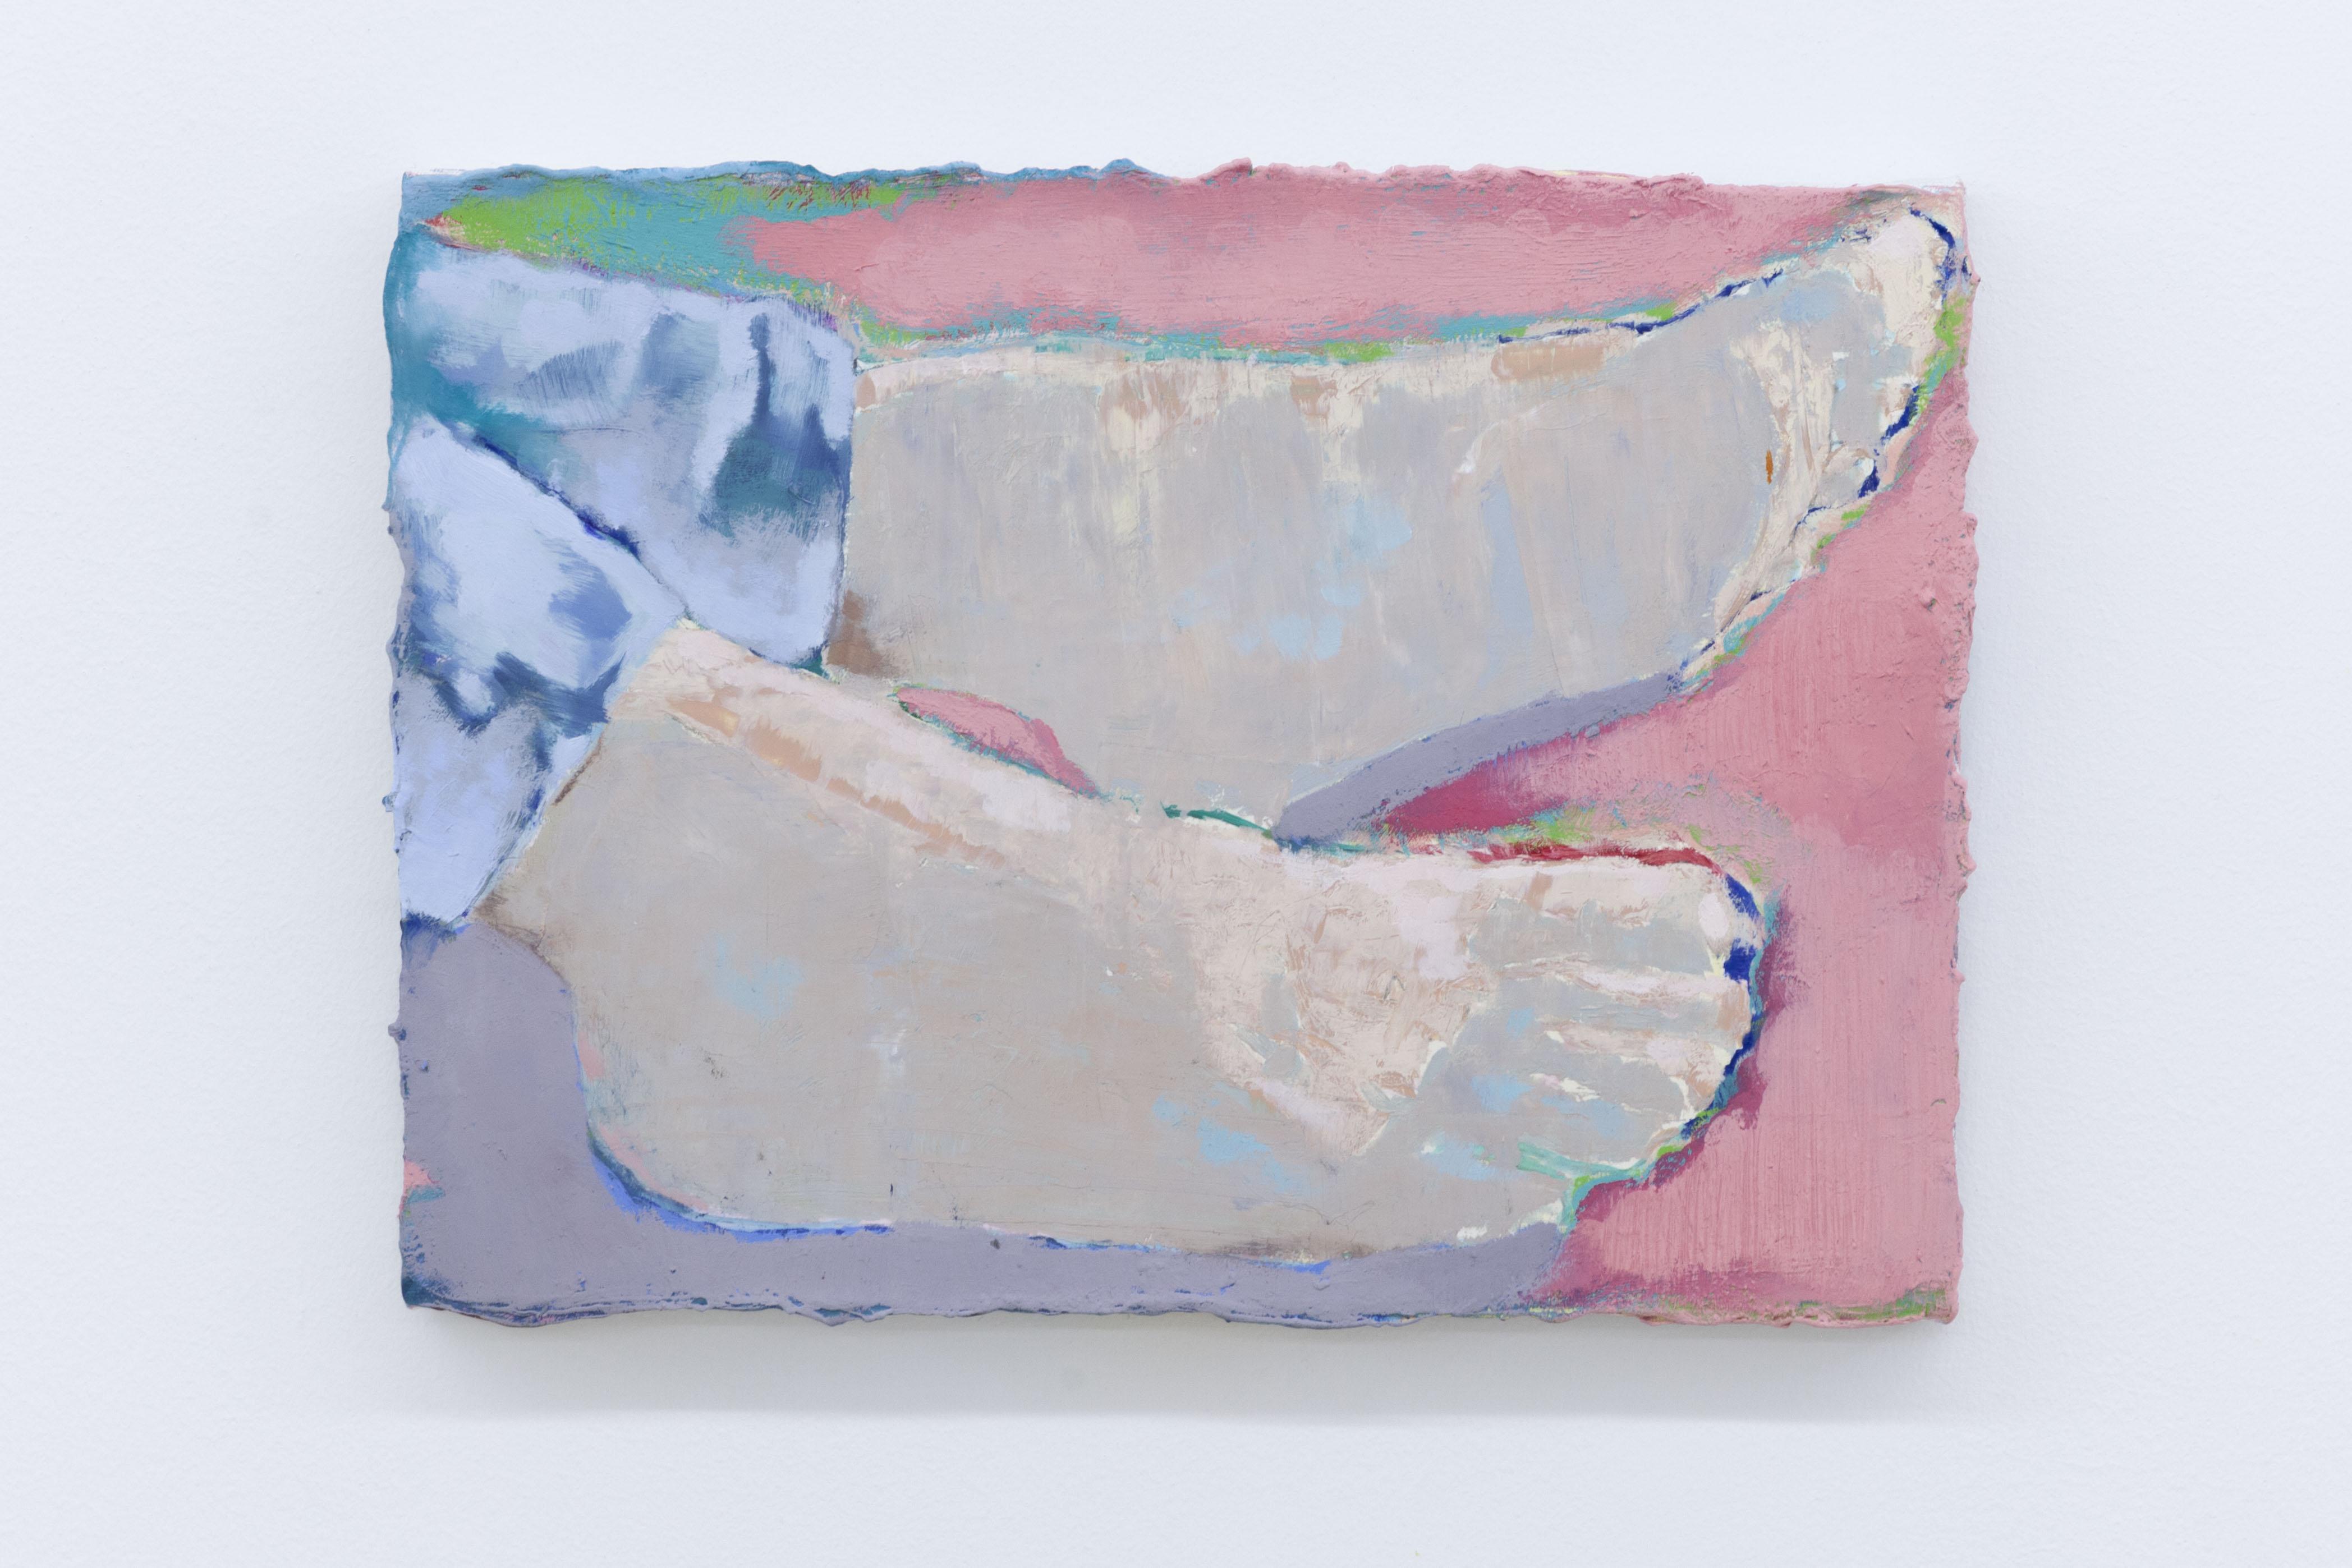 Les pieds nus le toit, 2020, huile sur toile, 25 x 33 cm_photo Julie Coulon_web_2